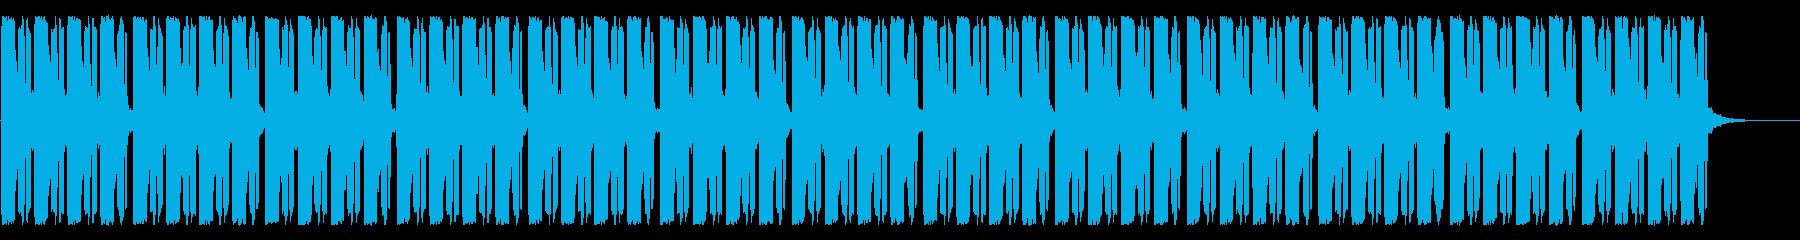 フリースタイル、バトル用ビートの再生済みの波形